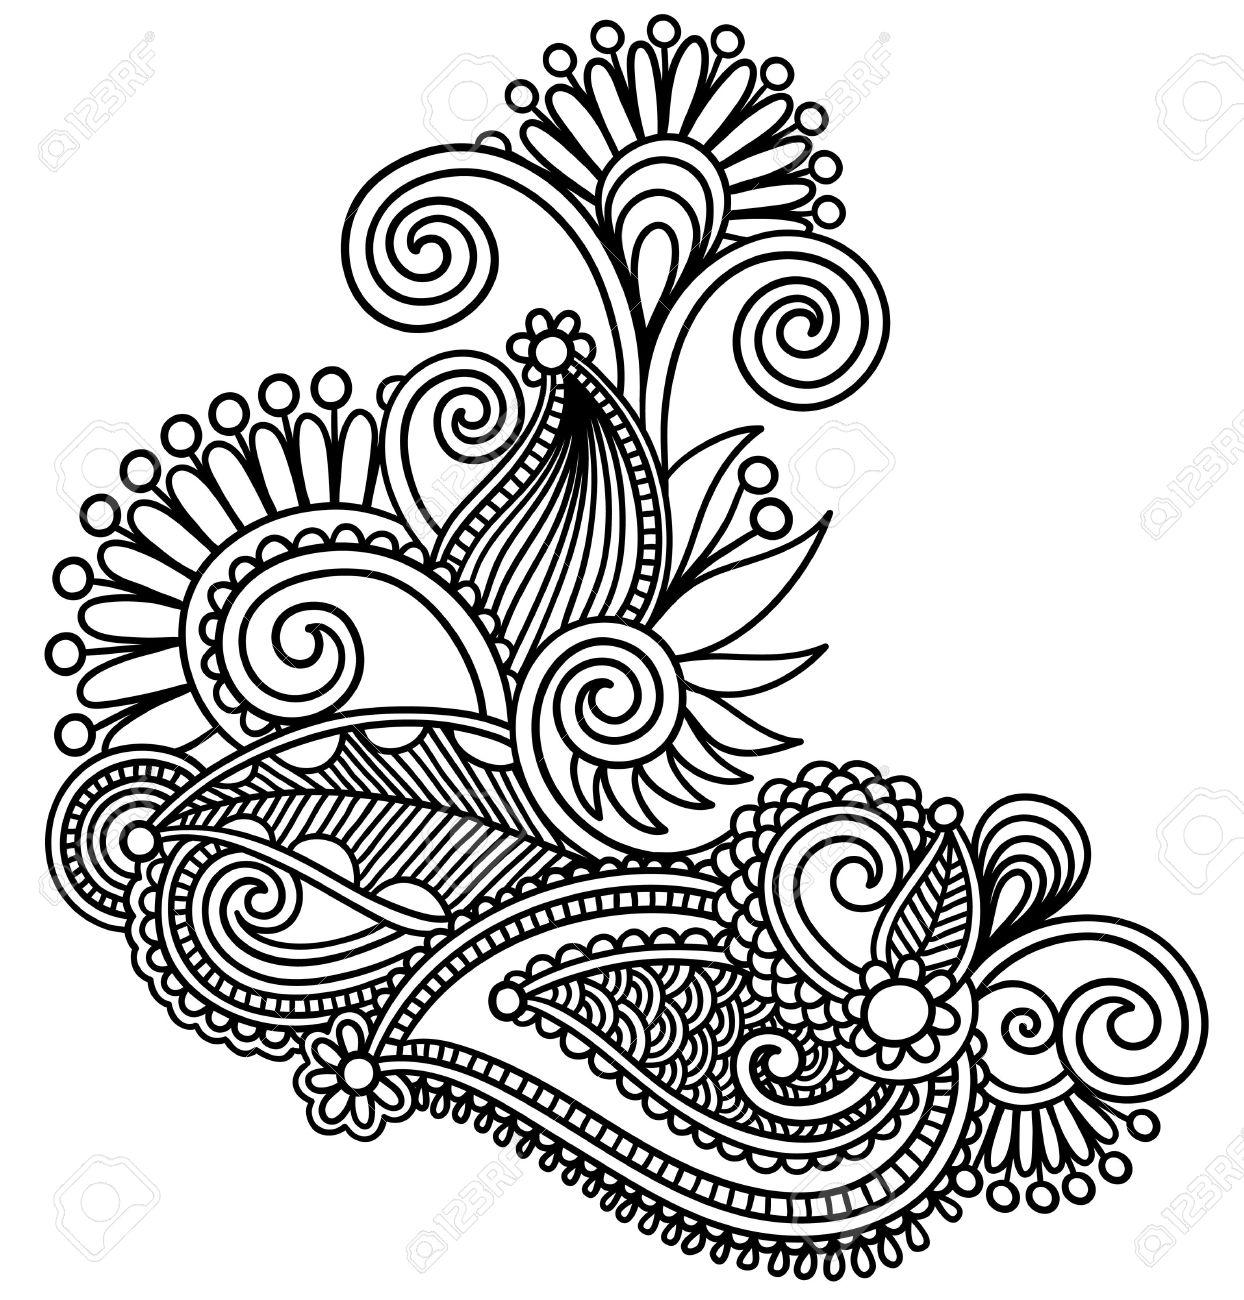 1244x1300 17416101 Original Hand Draw Line Art Ornate Flower Design